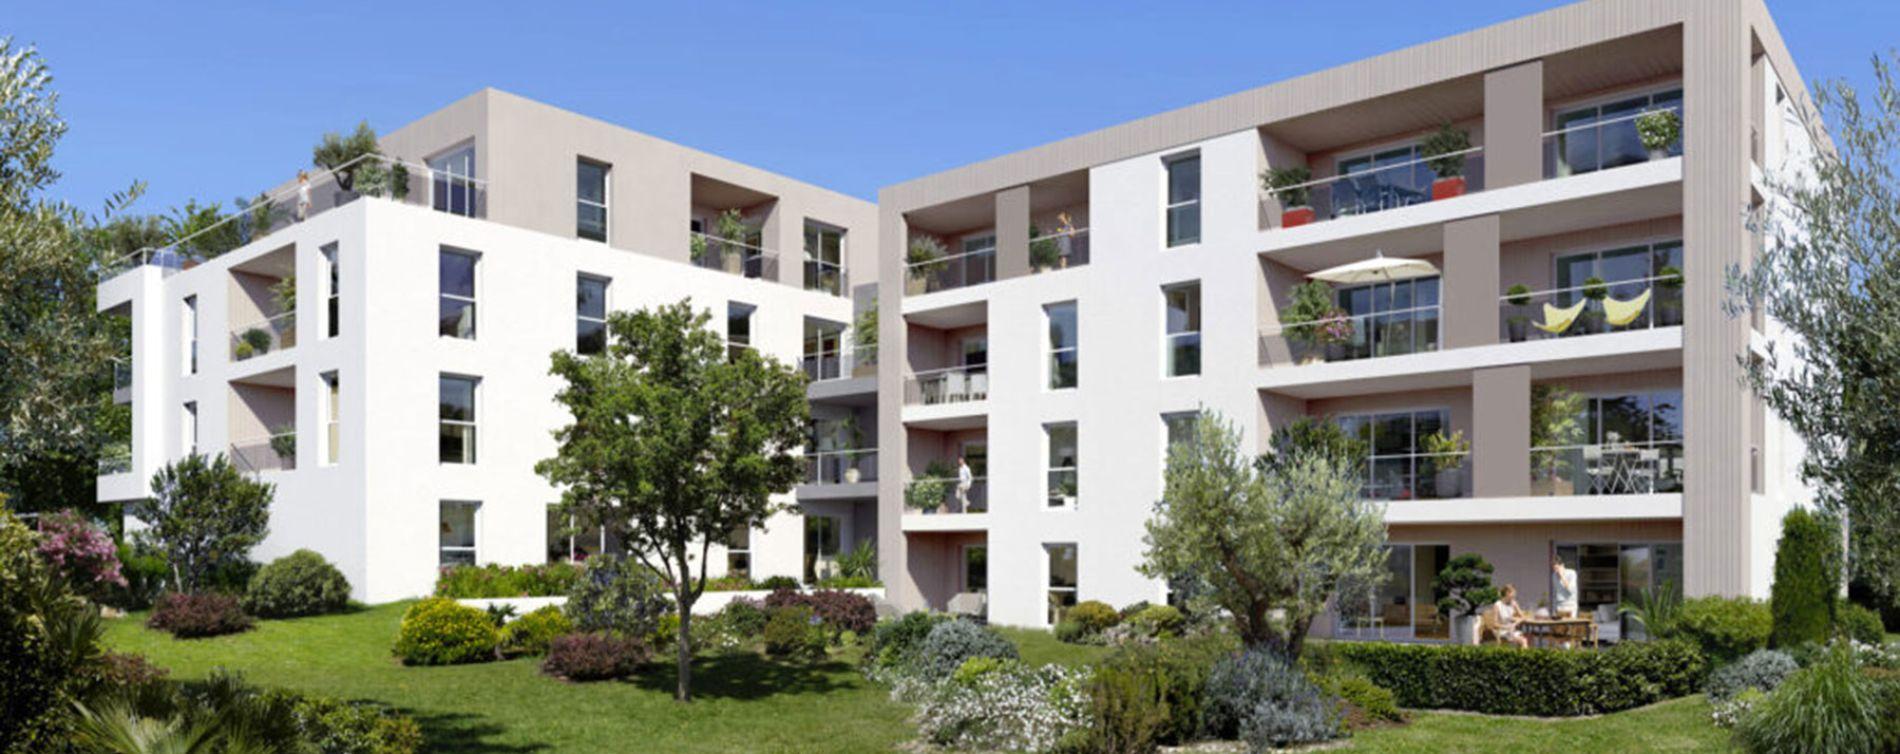 Résidence Villa Gracieuse à Marseille